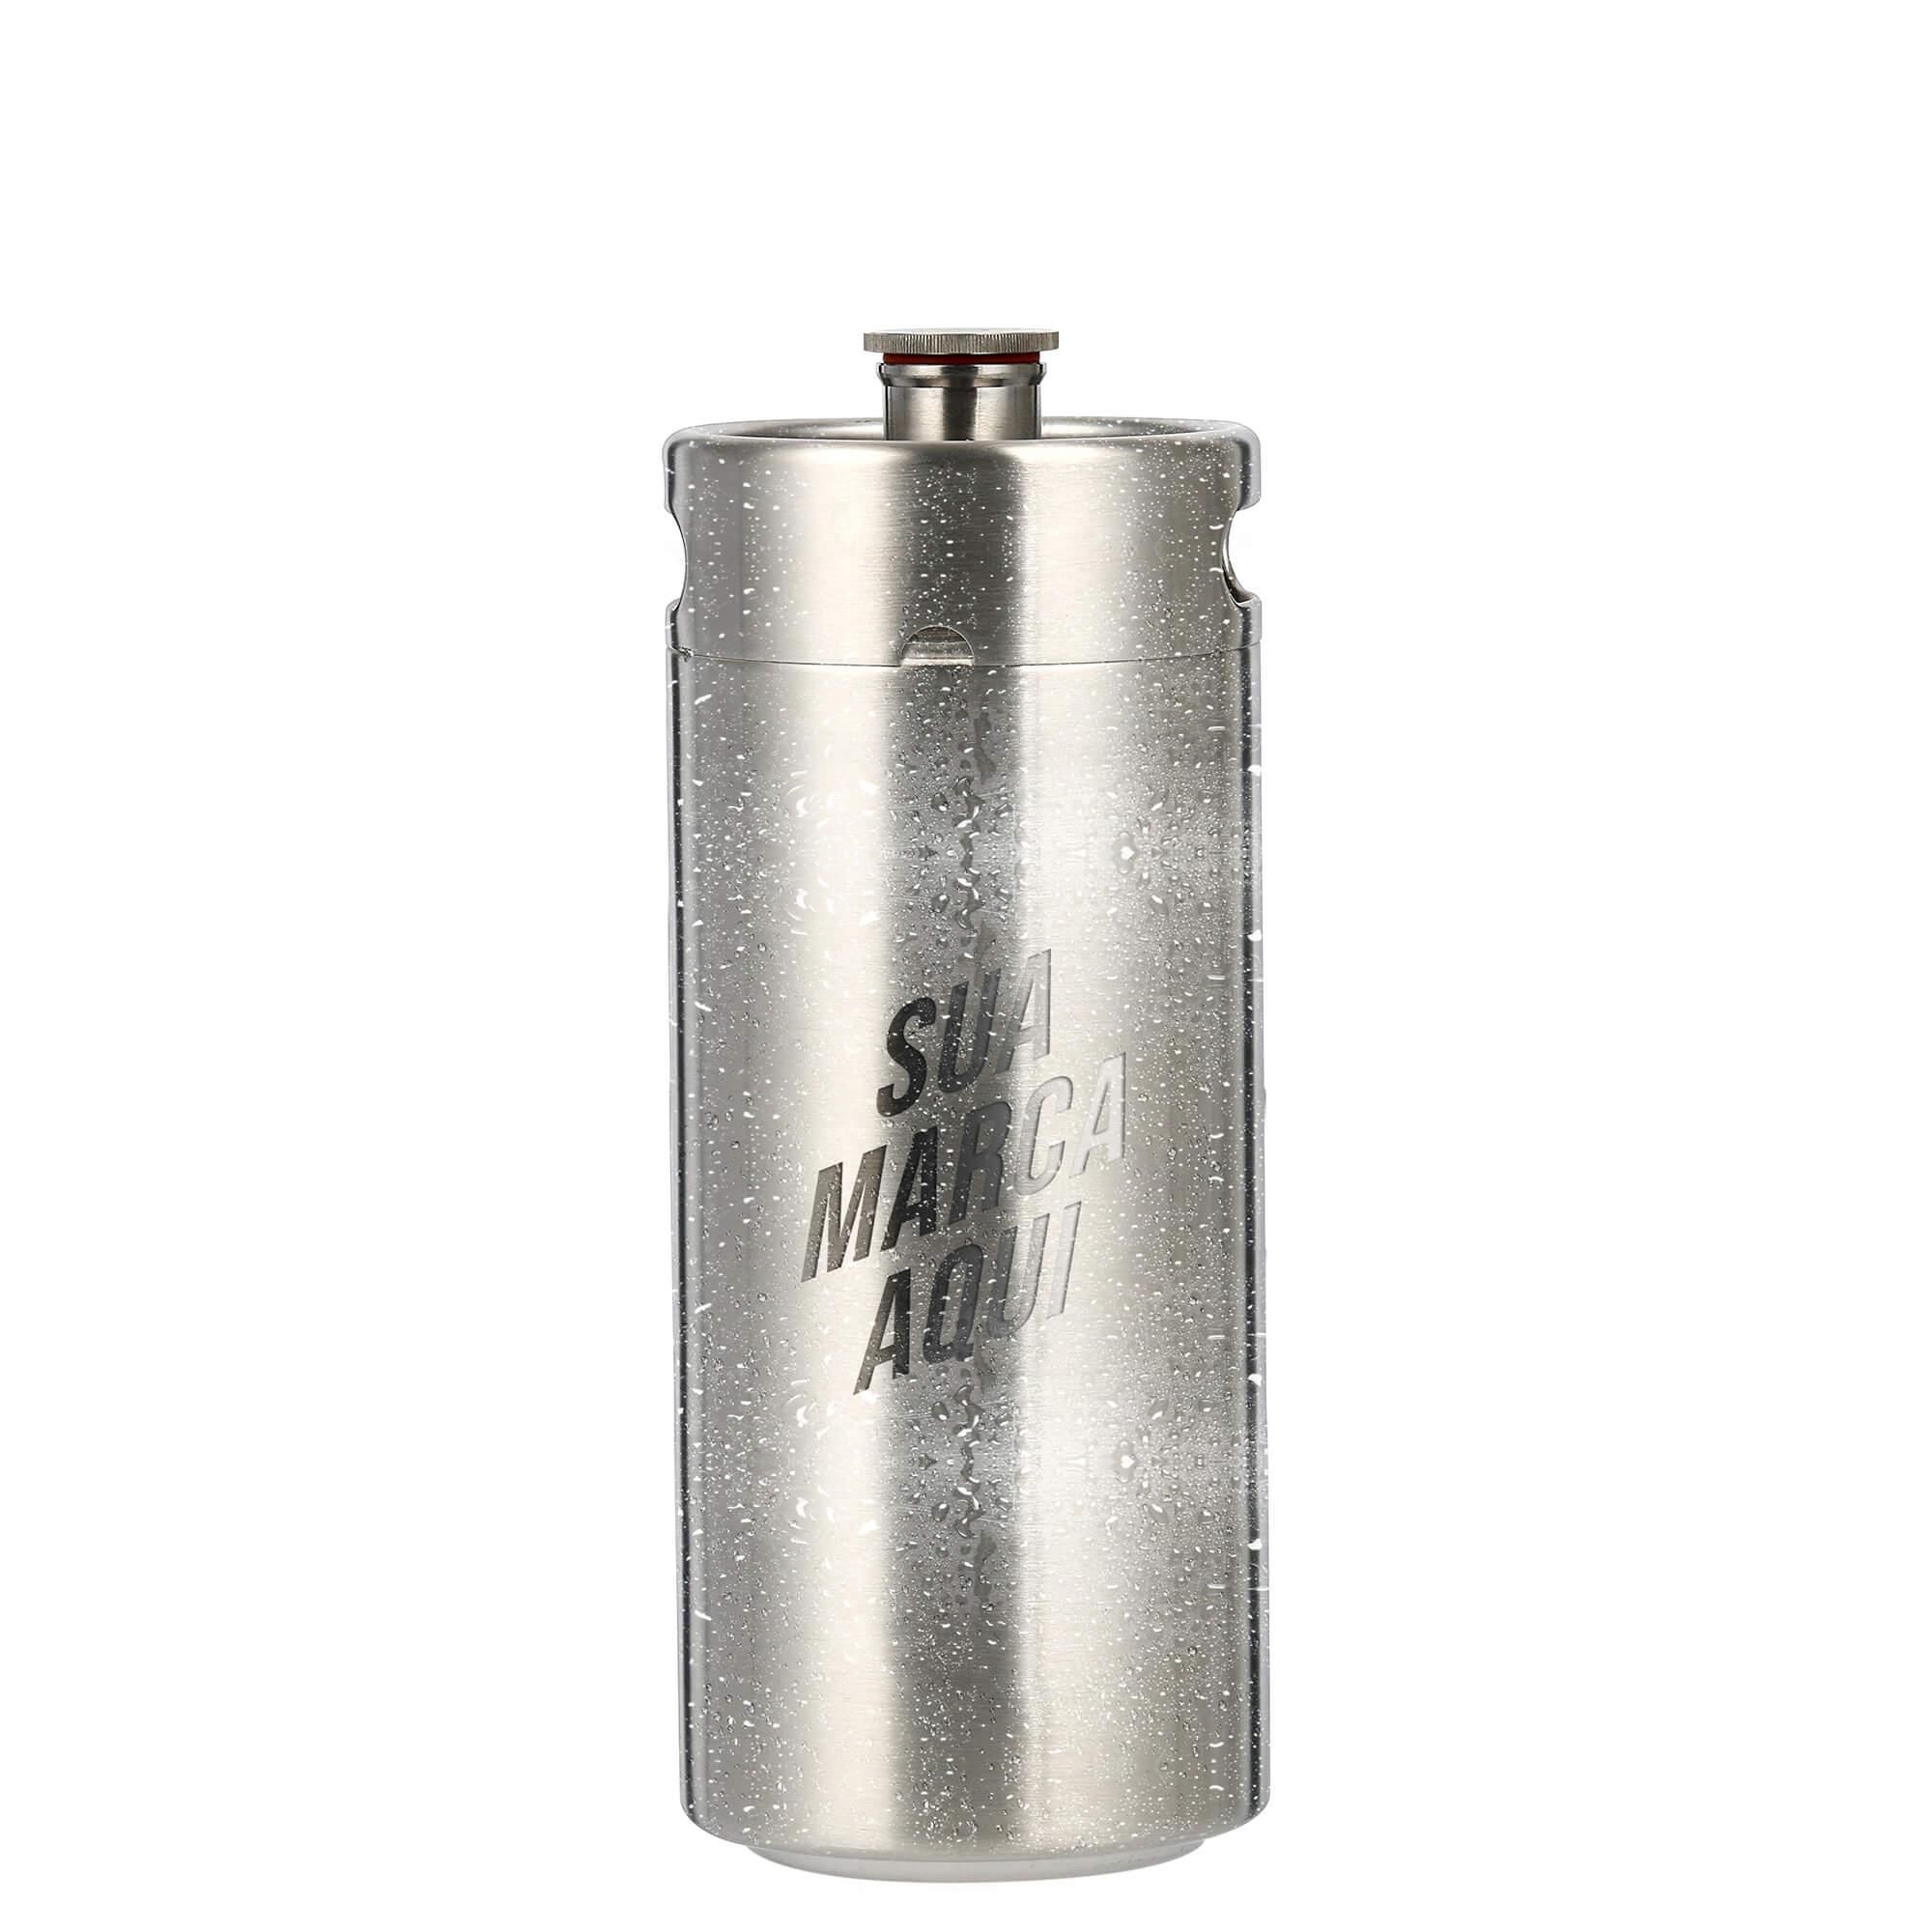 Mini Keg, Mini Barril de aço inox de 4L personalizado em laser